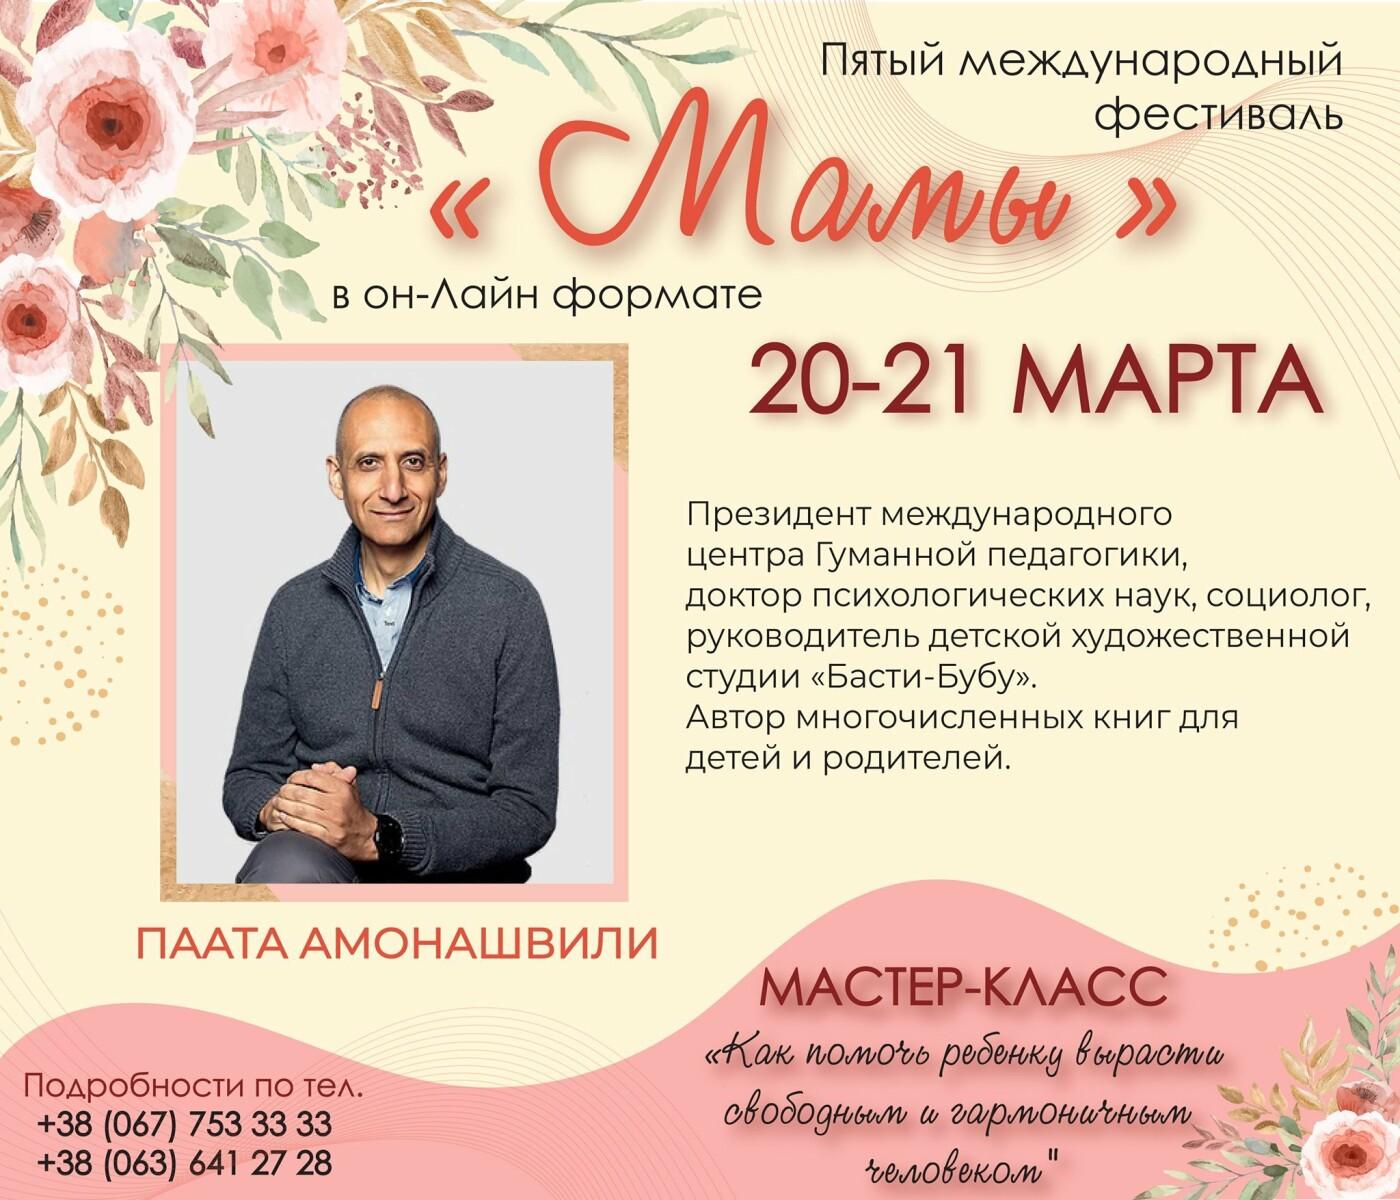 """Міжнародний фестиваль """"Мами"""" у Кам'янці-Подільському запрошує, фото-1"""